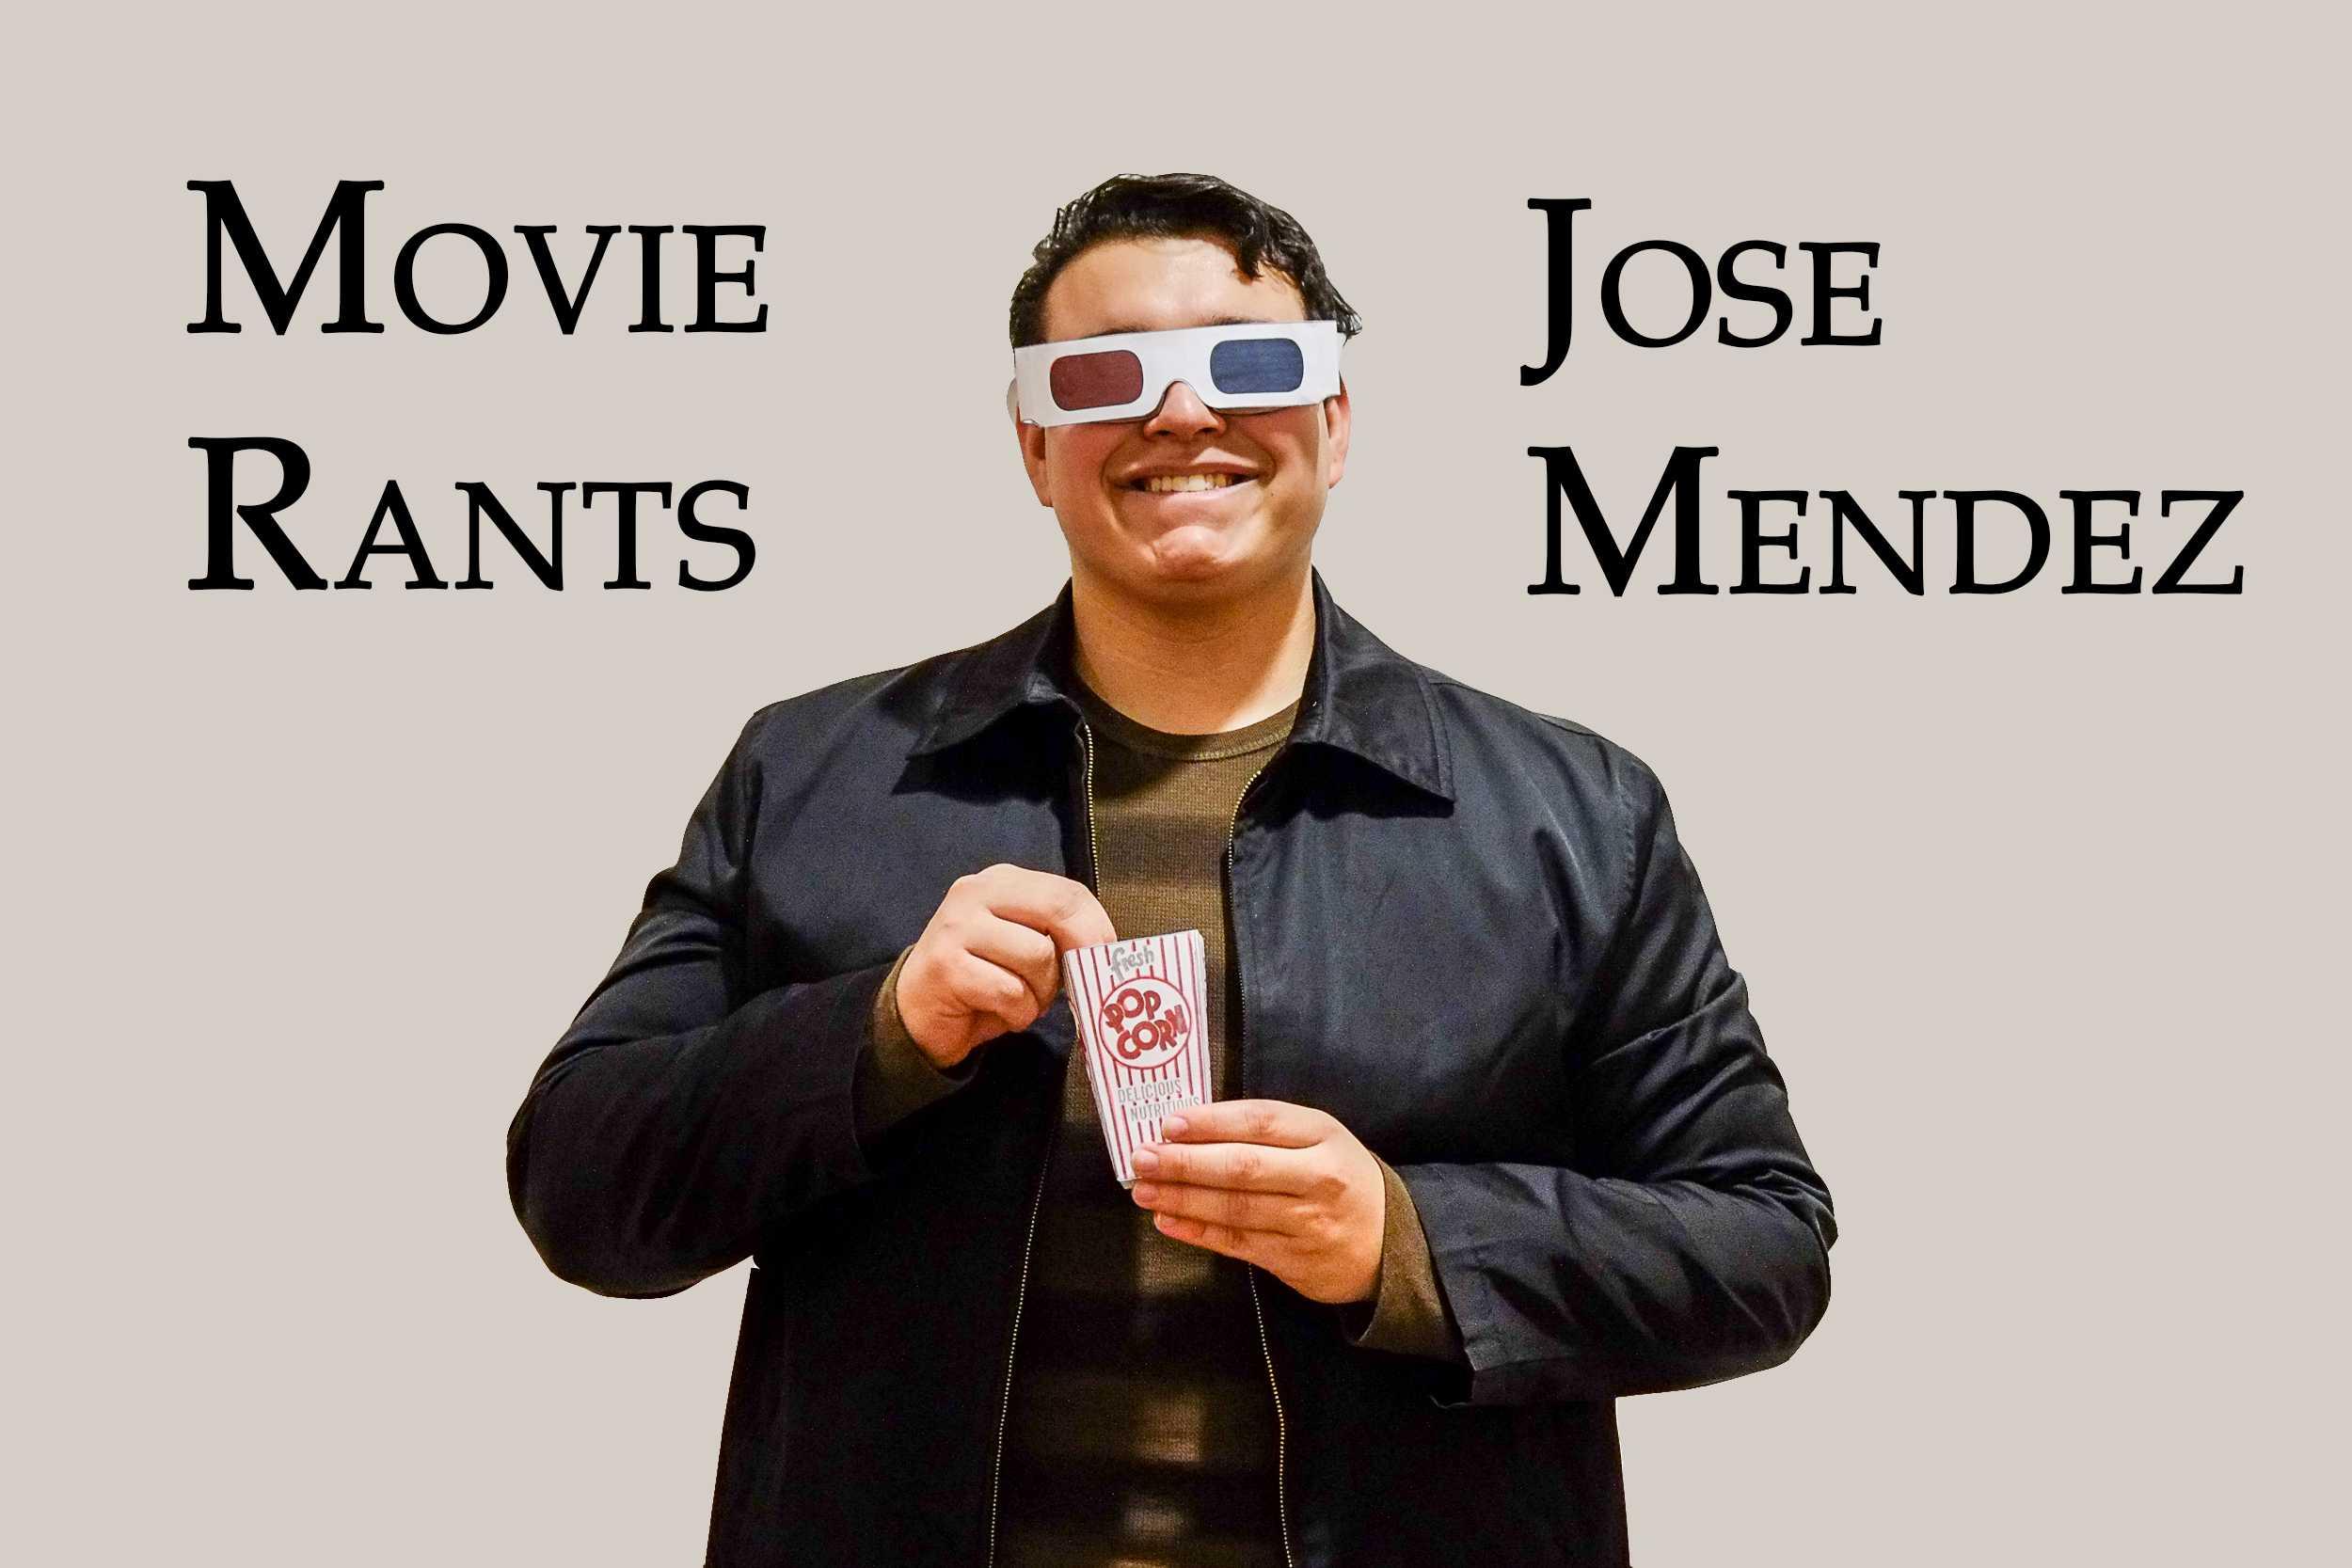 Jose Mendez - Hannah Hwang